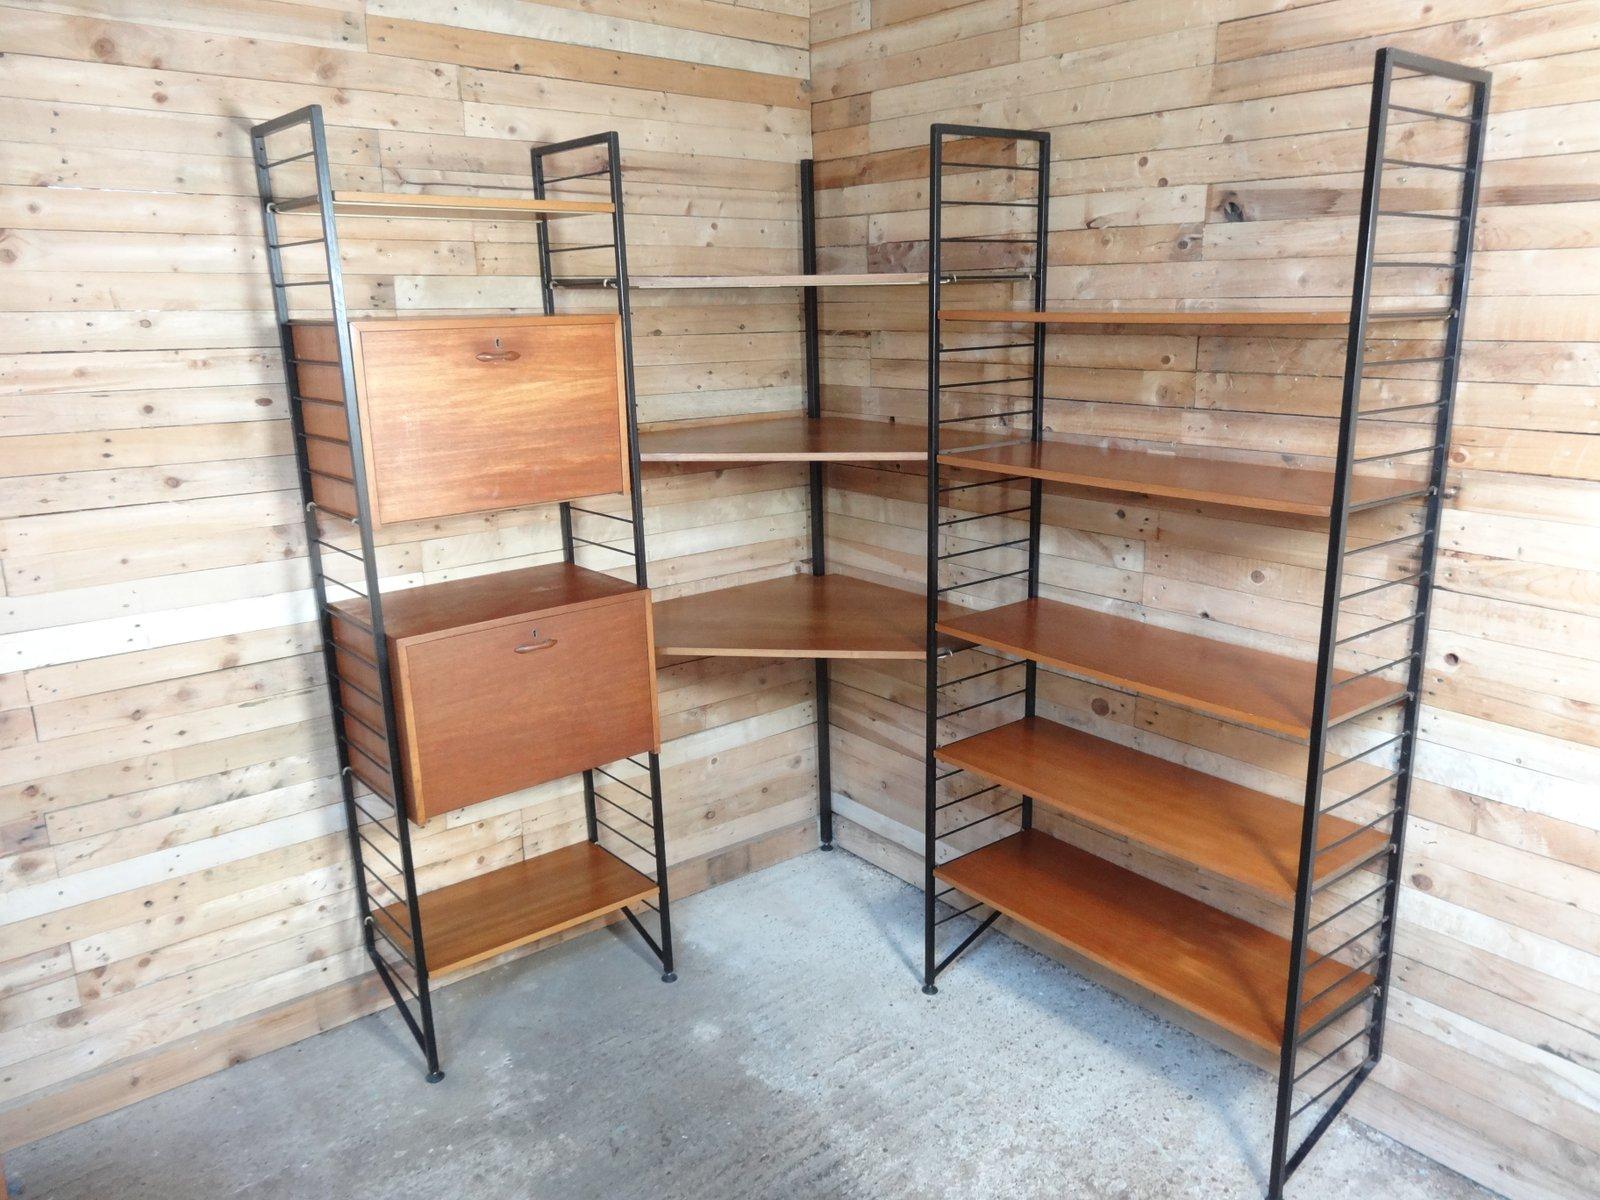 wand eckregal mit schreibpult von robert heal f r staples of cricklewood 1960er bei pamono kaufen. Black Bedroom Furniture Sets. Home Design Ideas